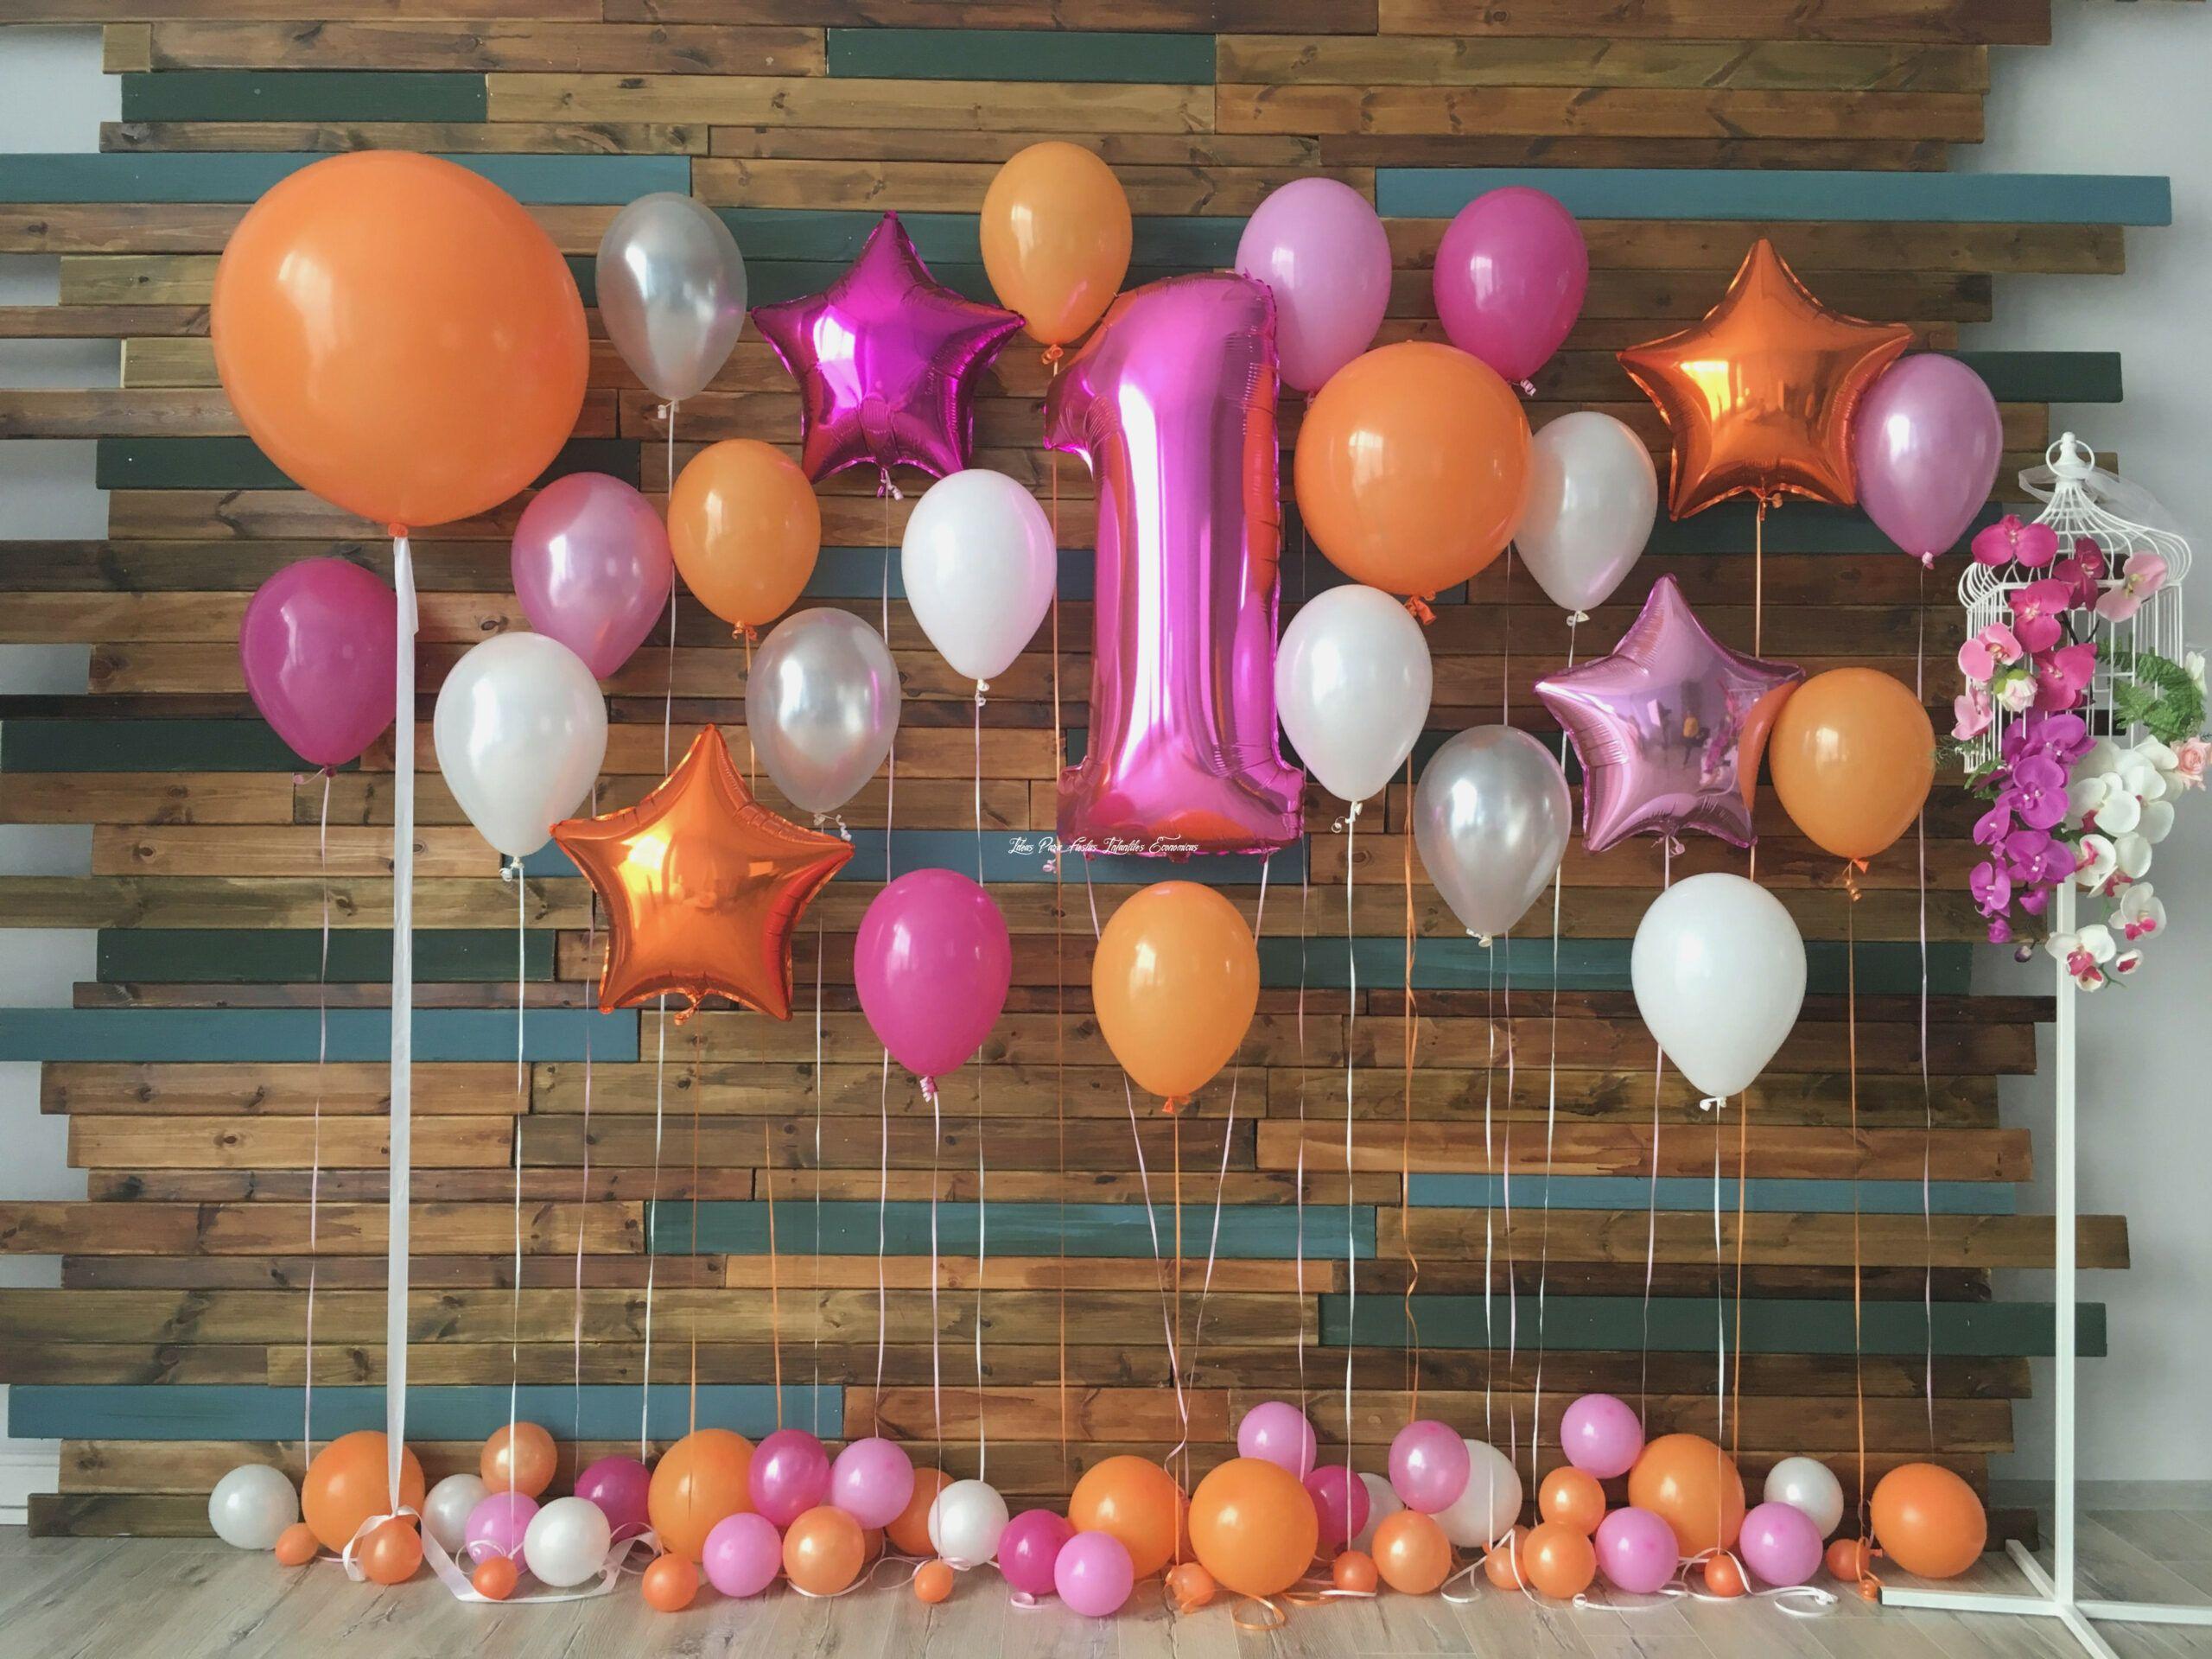 Los Peores Consejos Que Hemos Escuchado Para Ideas Para Fiestas Infantiles Economicas In 2020 Balloon Decorations Balloons Party Balloons